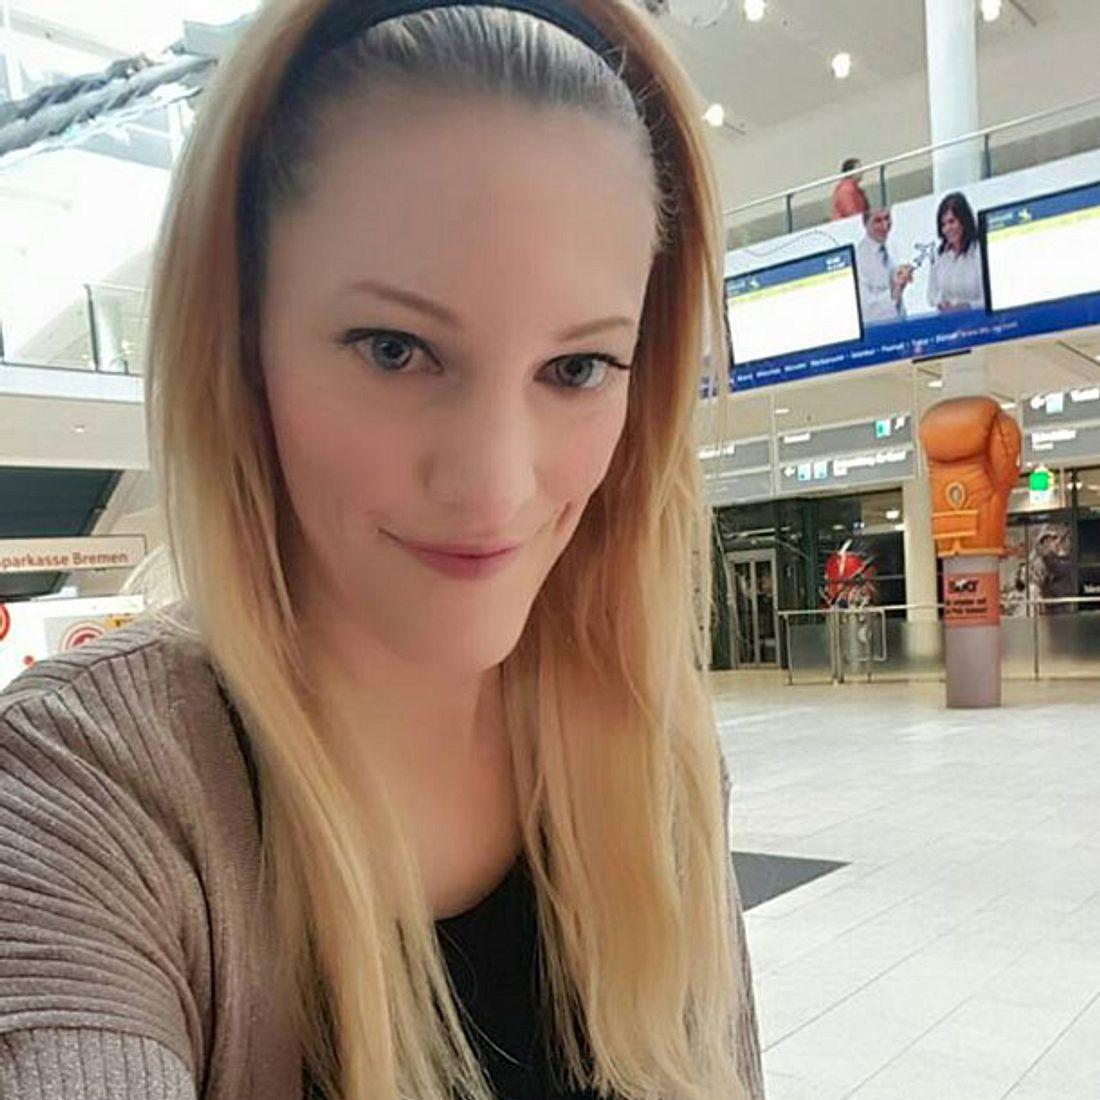 Nadine Hildegard: Steht die Ex-Freundin von Jens Büchner auch auf Frauen?